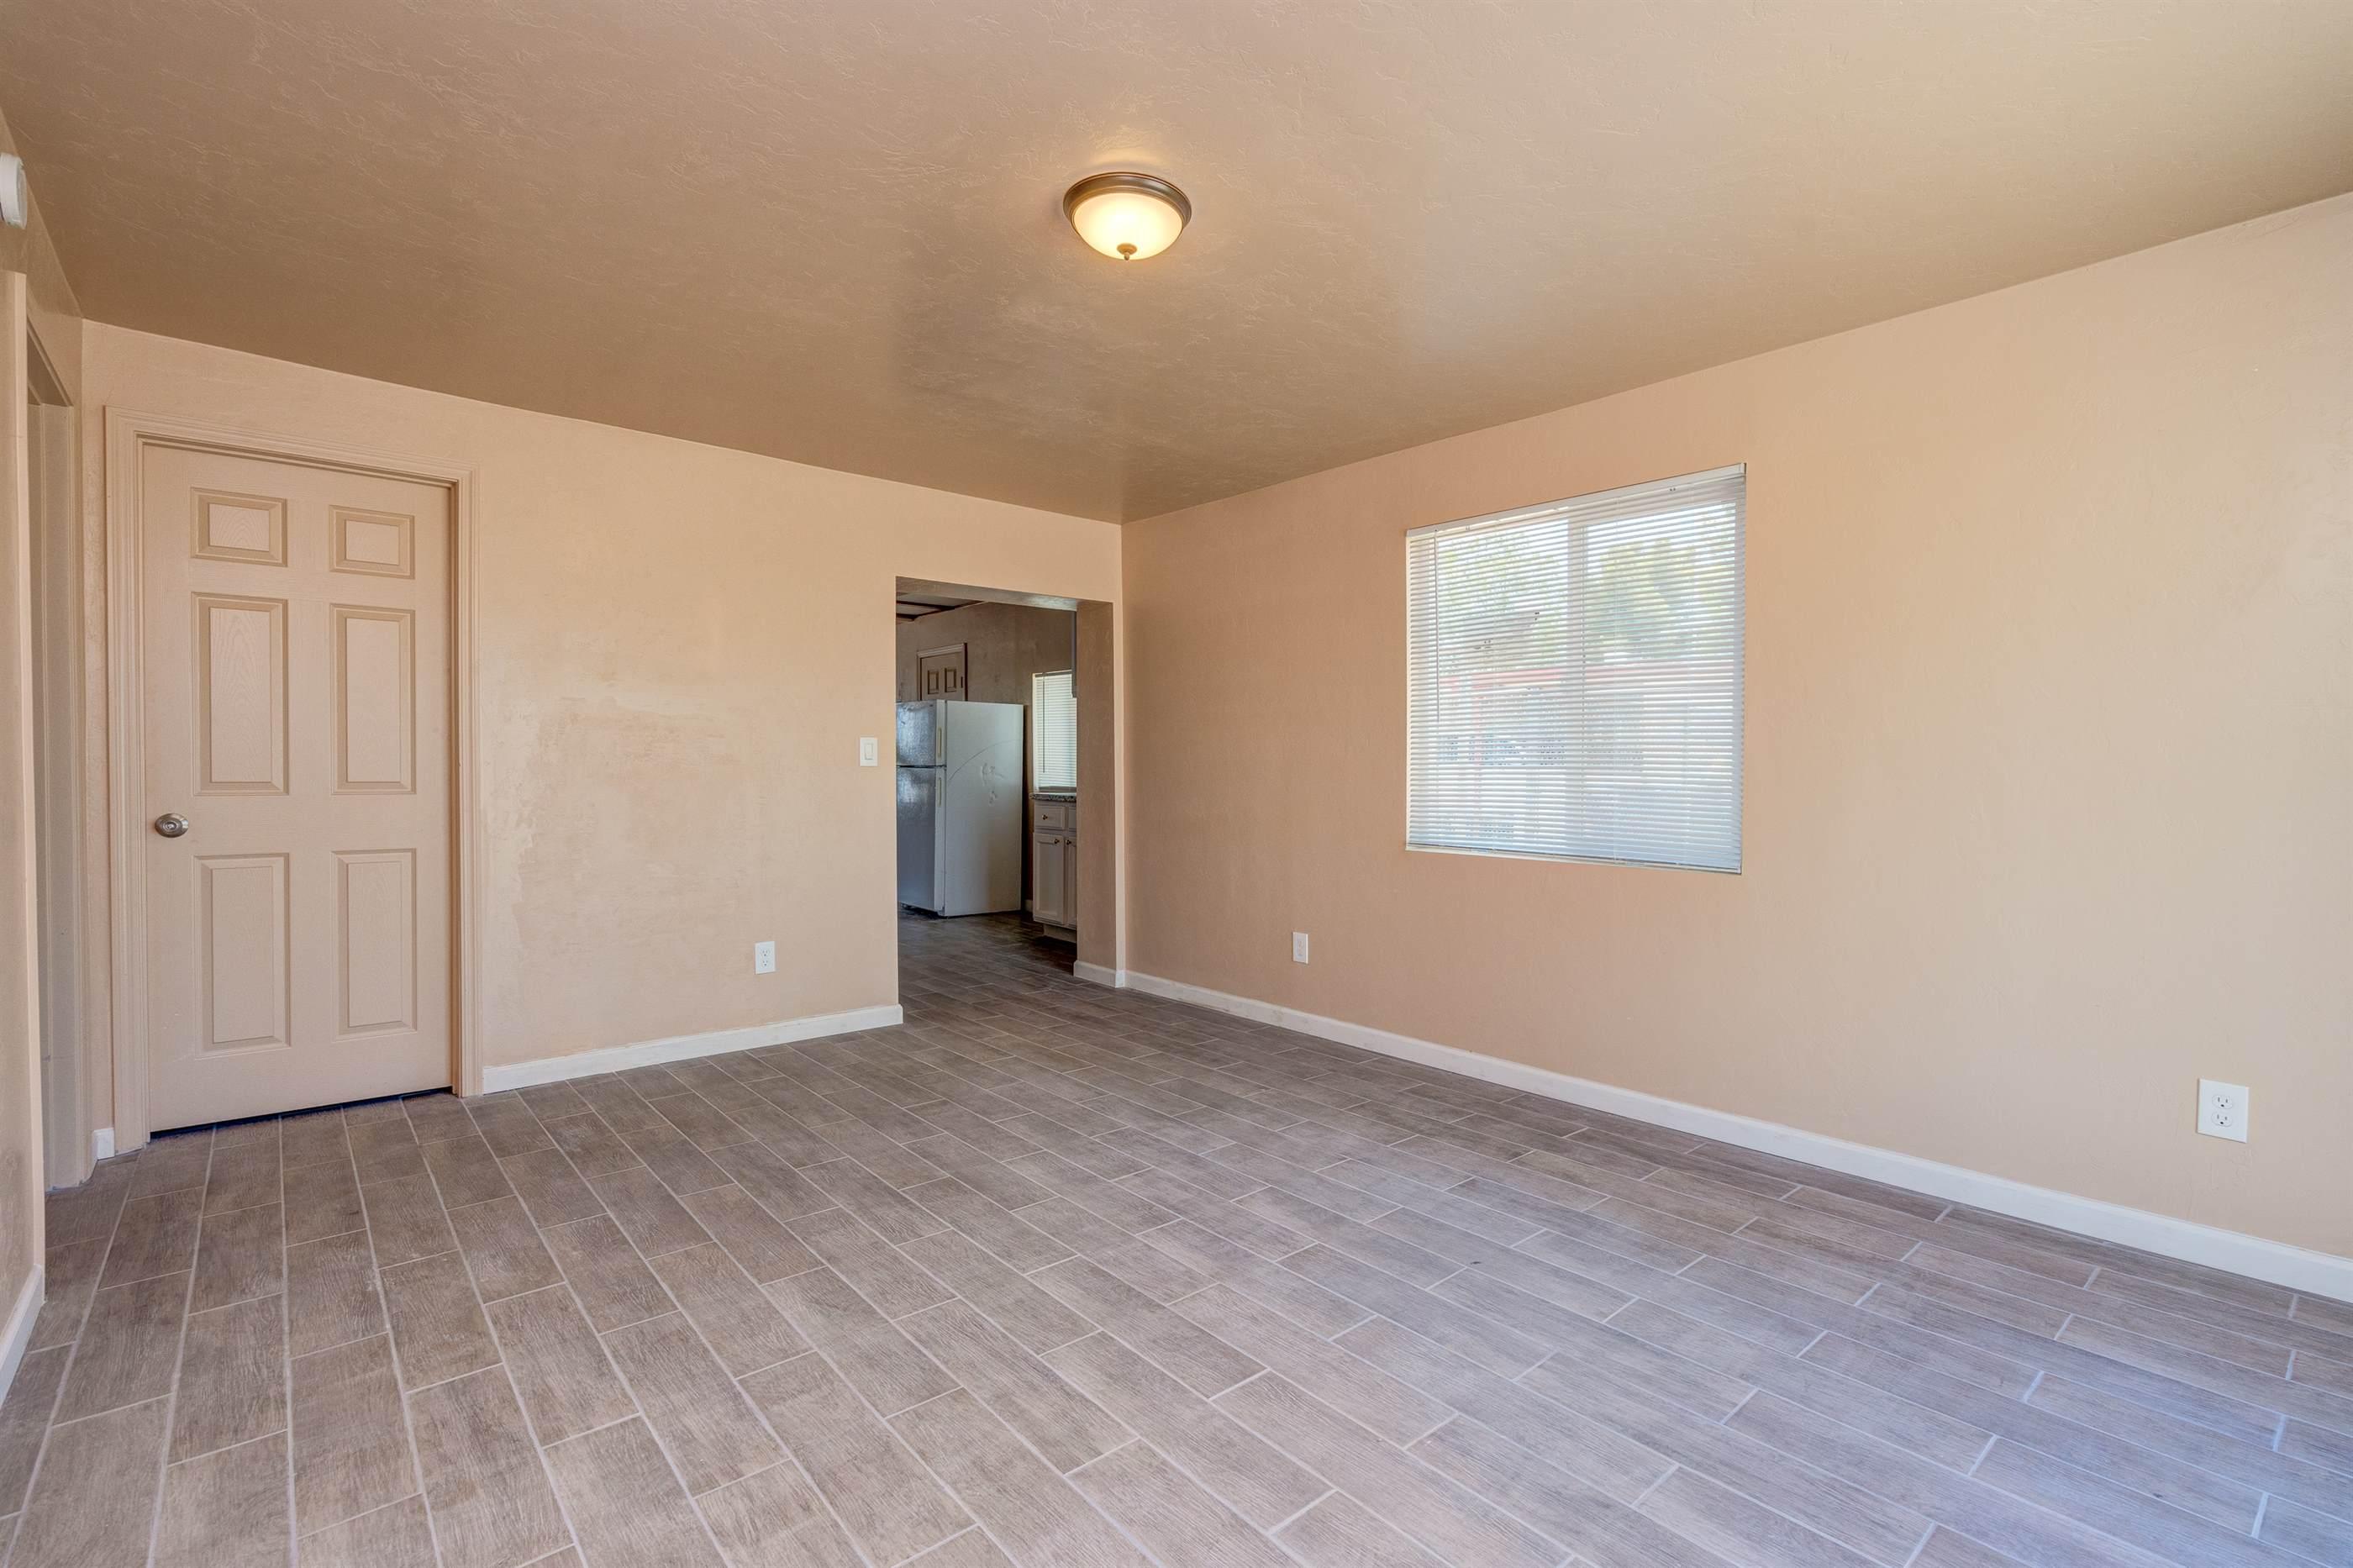 5401 E 30h St, Tucson, AZ 85711